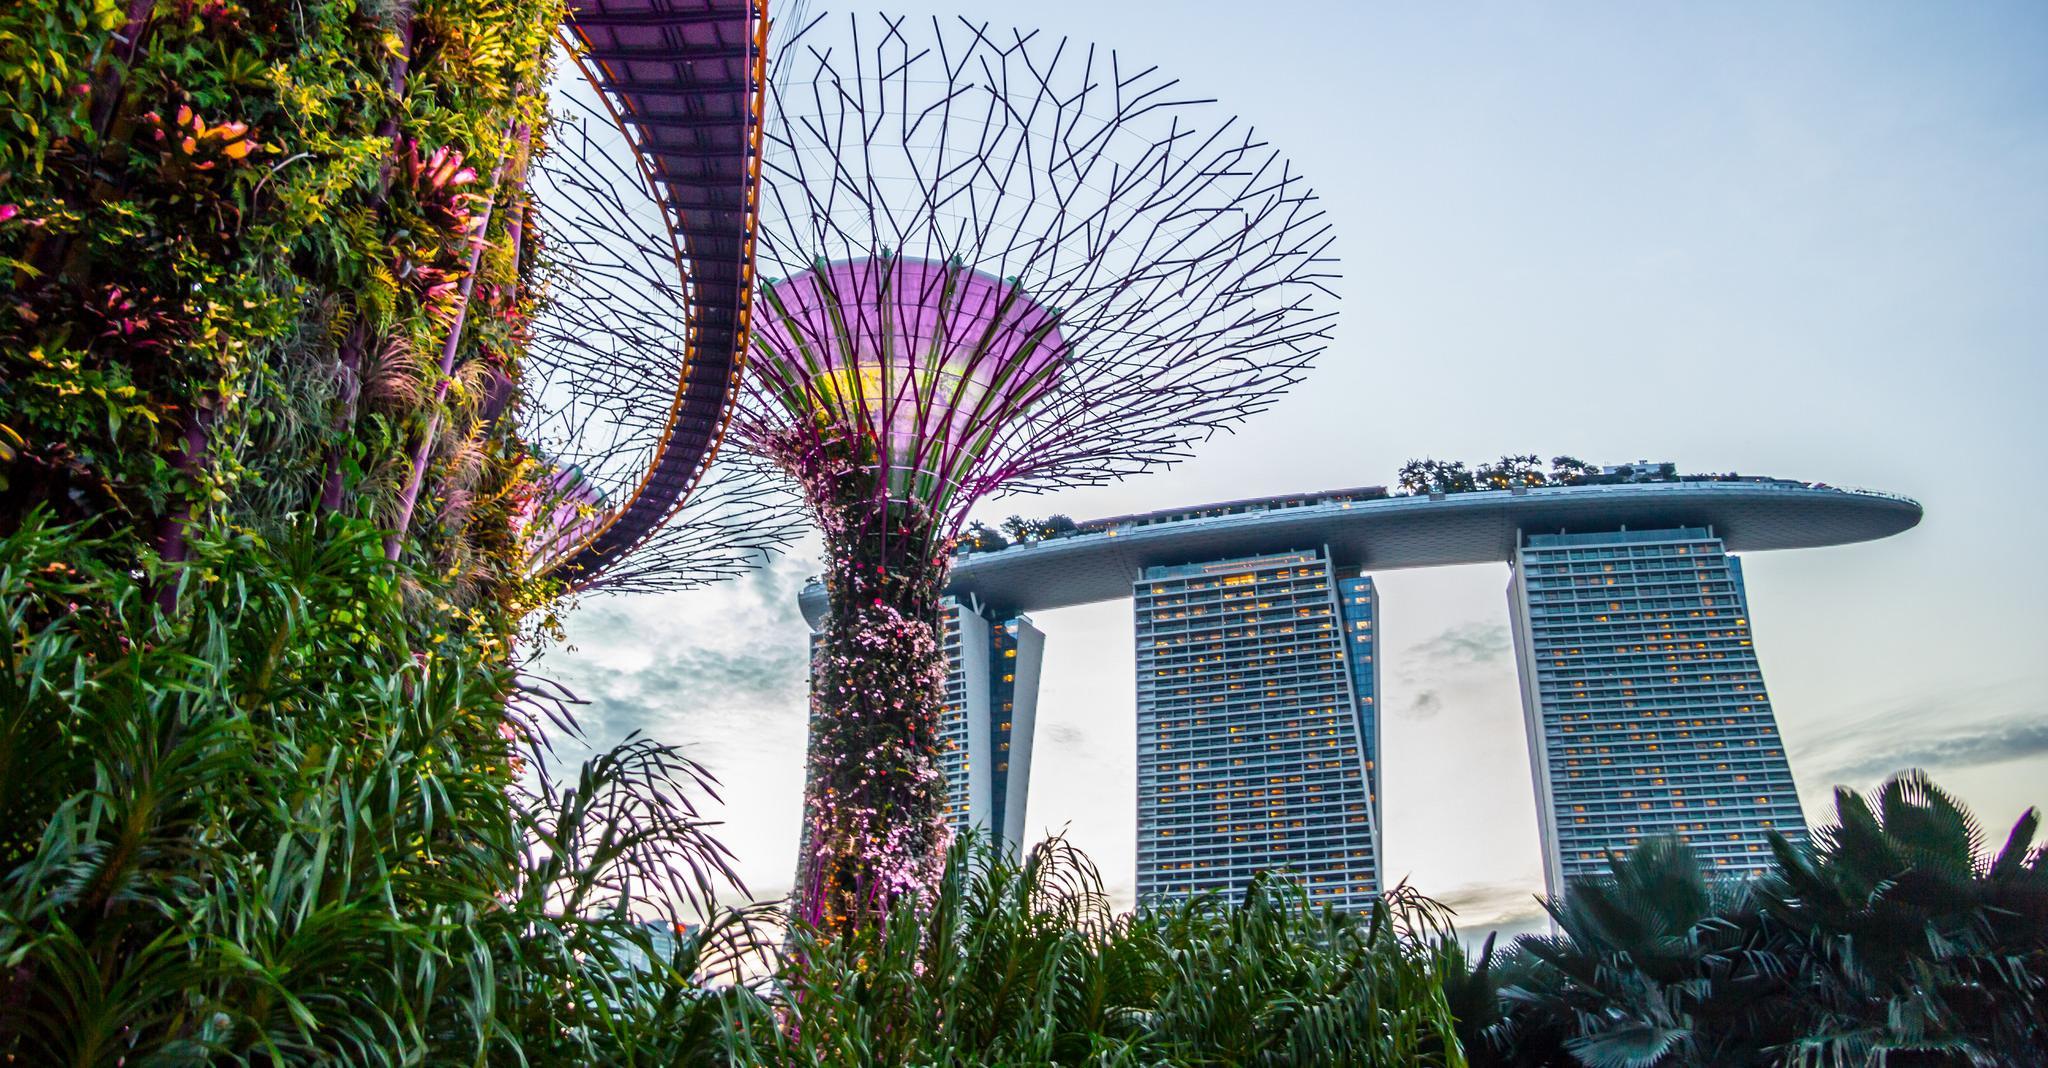 Сингапур — подробная информация с фото и видео || Сингапур Достопримечательности фото и описание столица карта города погода курорты